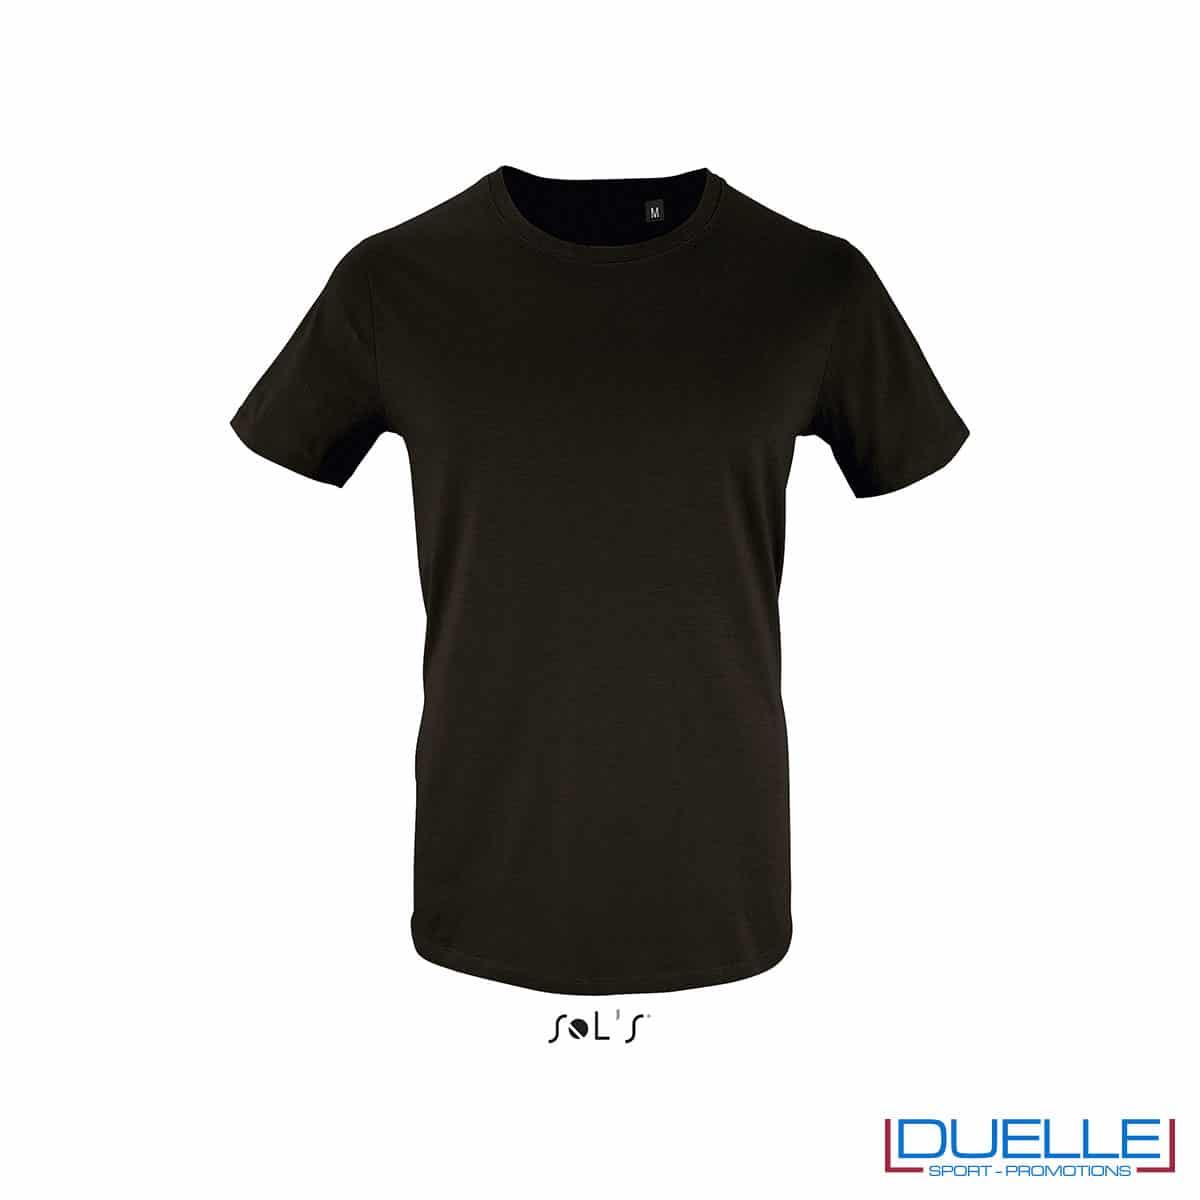 T-shirt 100% cotone biologico colore nero personalizzata con il tuo logo